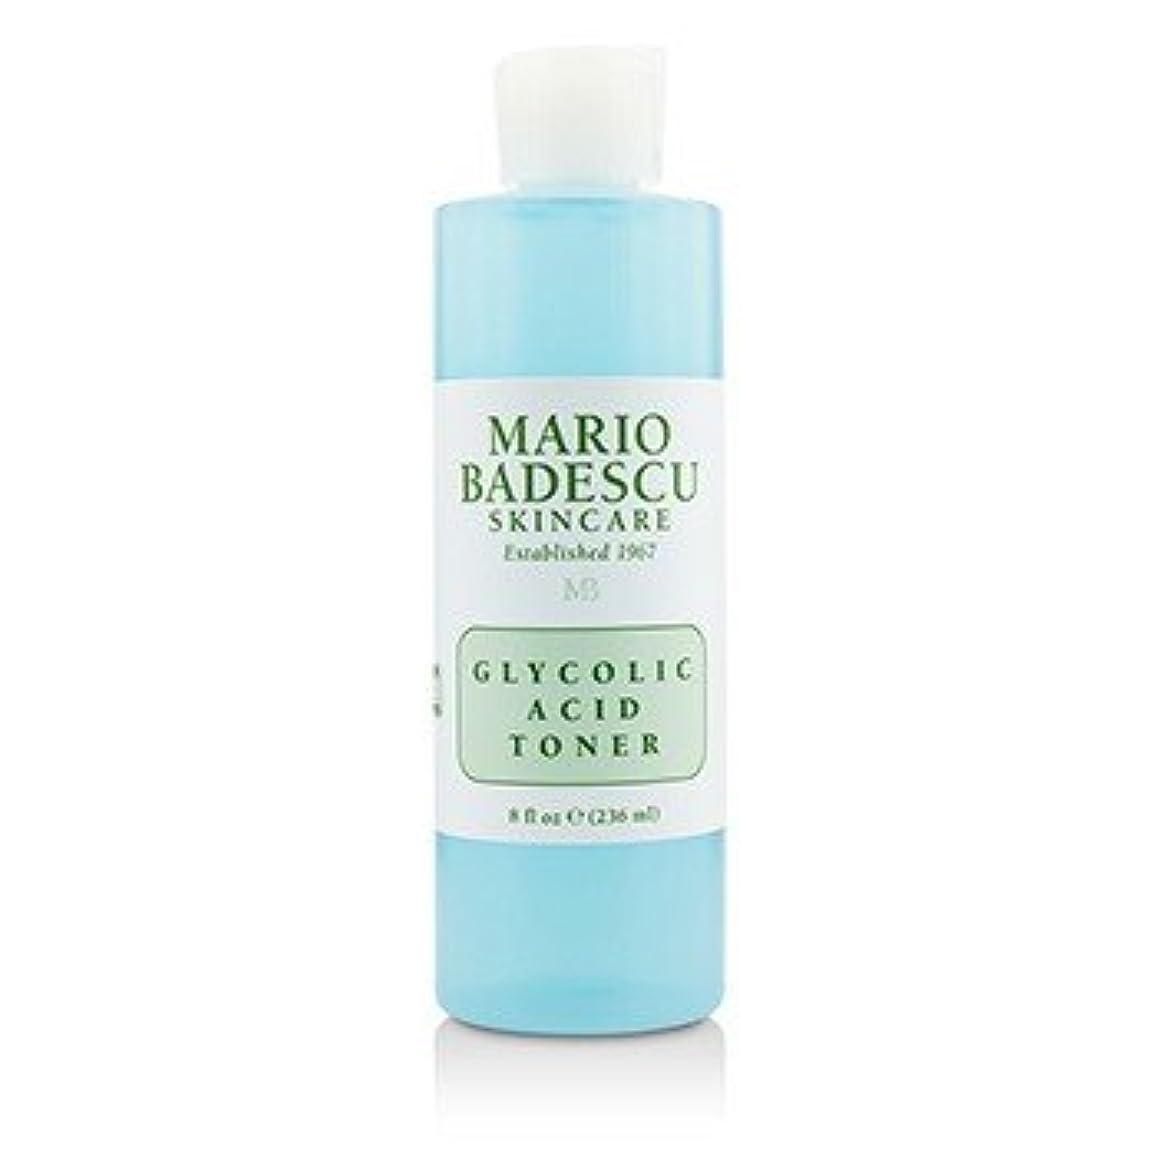 豆腐教育する計画[Mario Badescu] Glycolic Acid Toner - For Combination/ Dry Skin Types 236ml/8oz